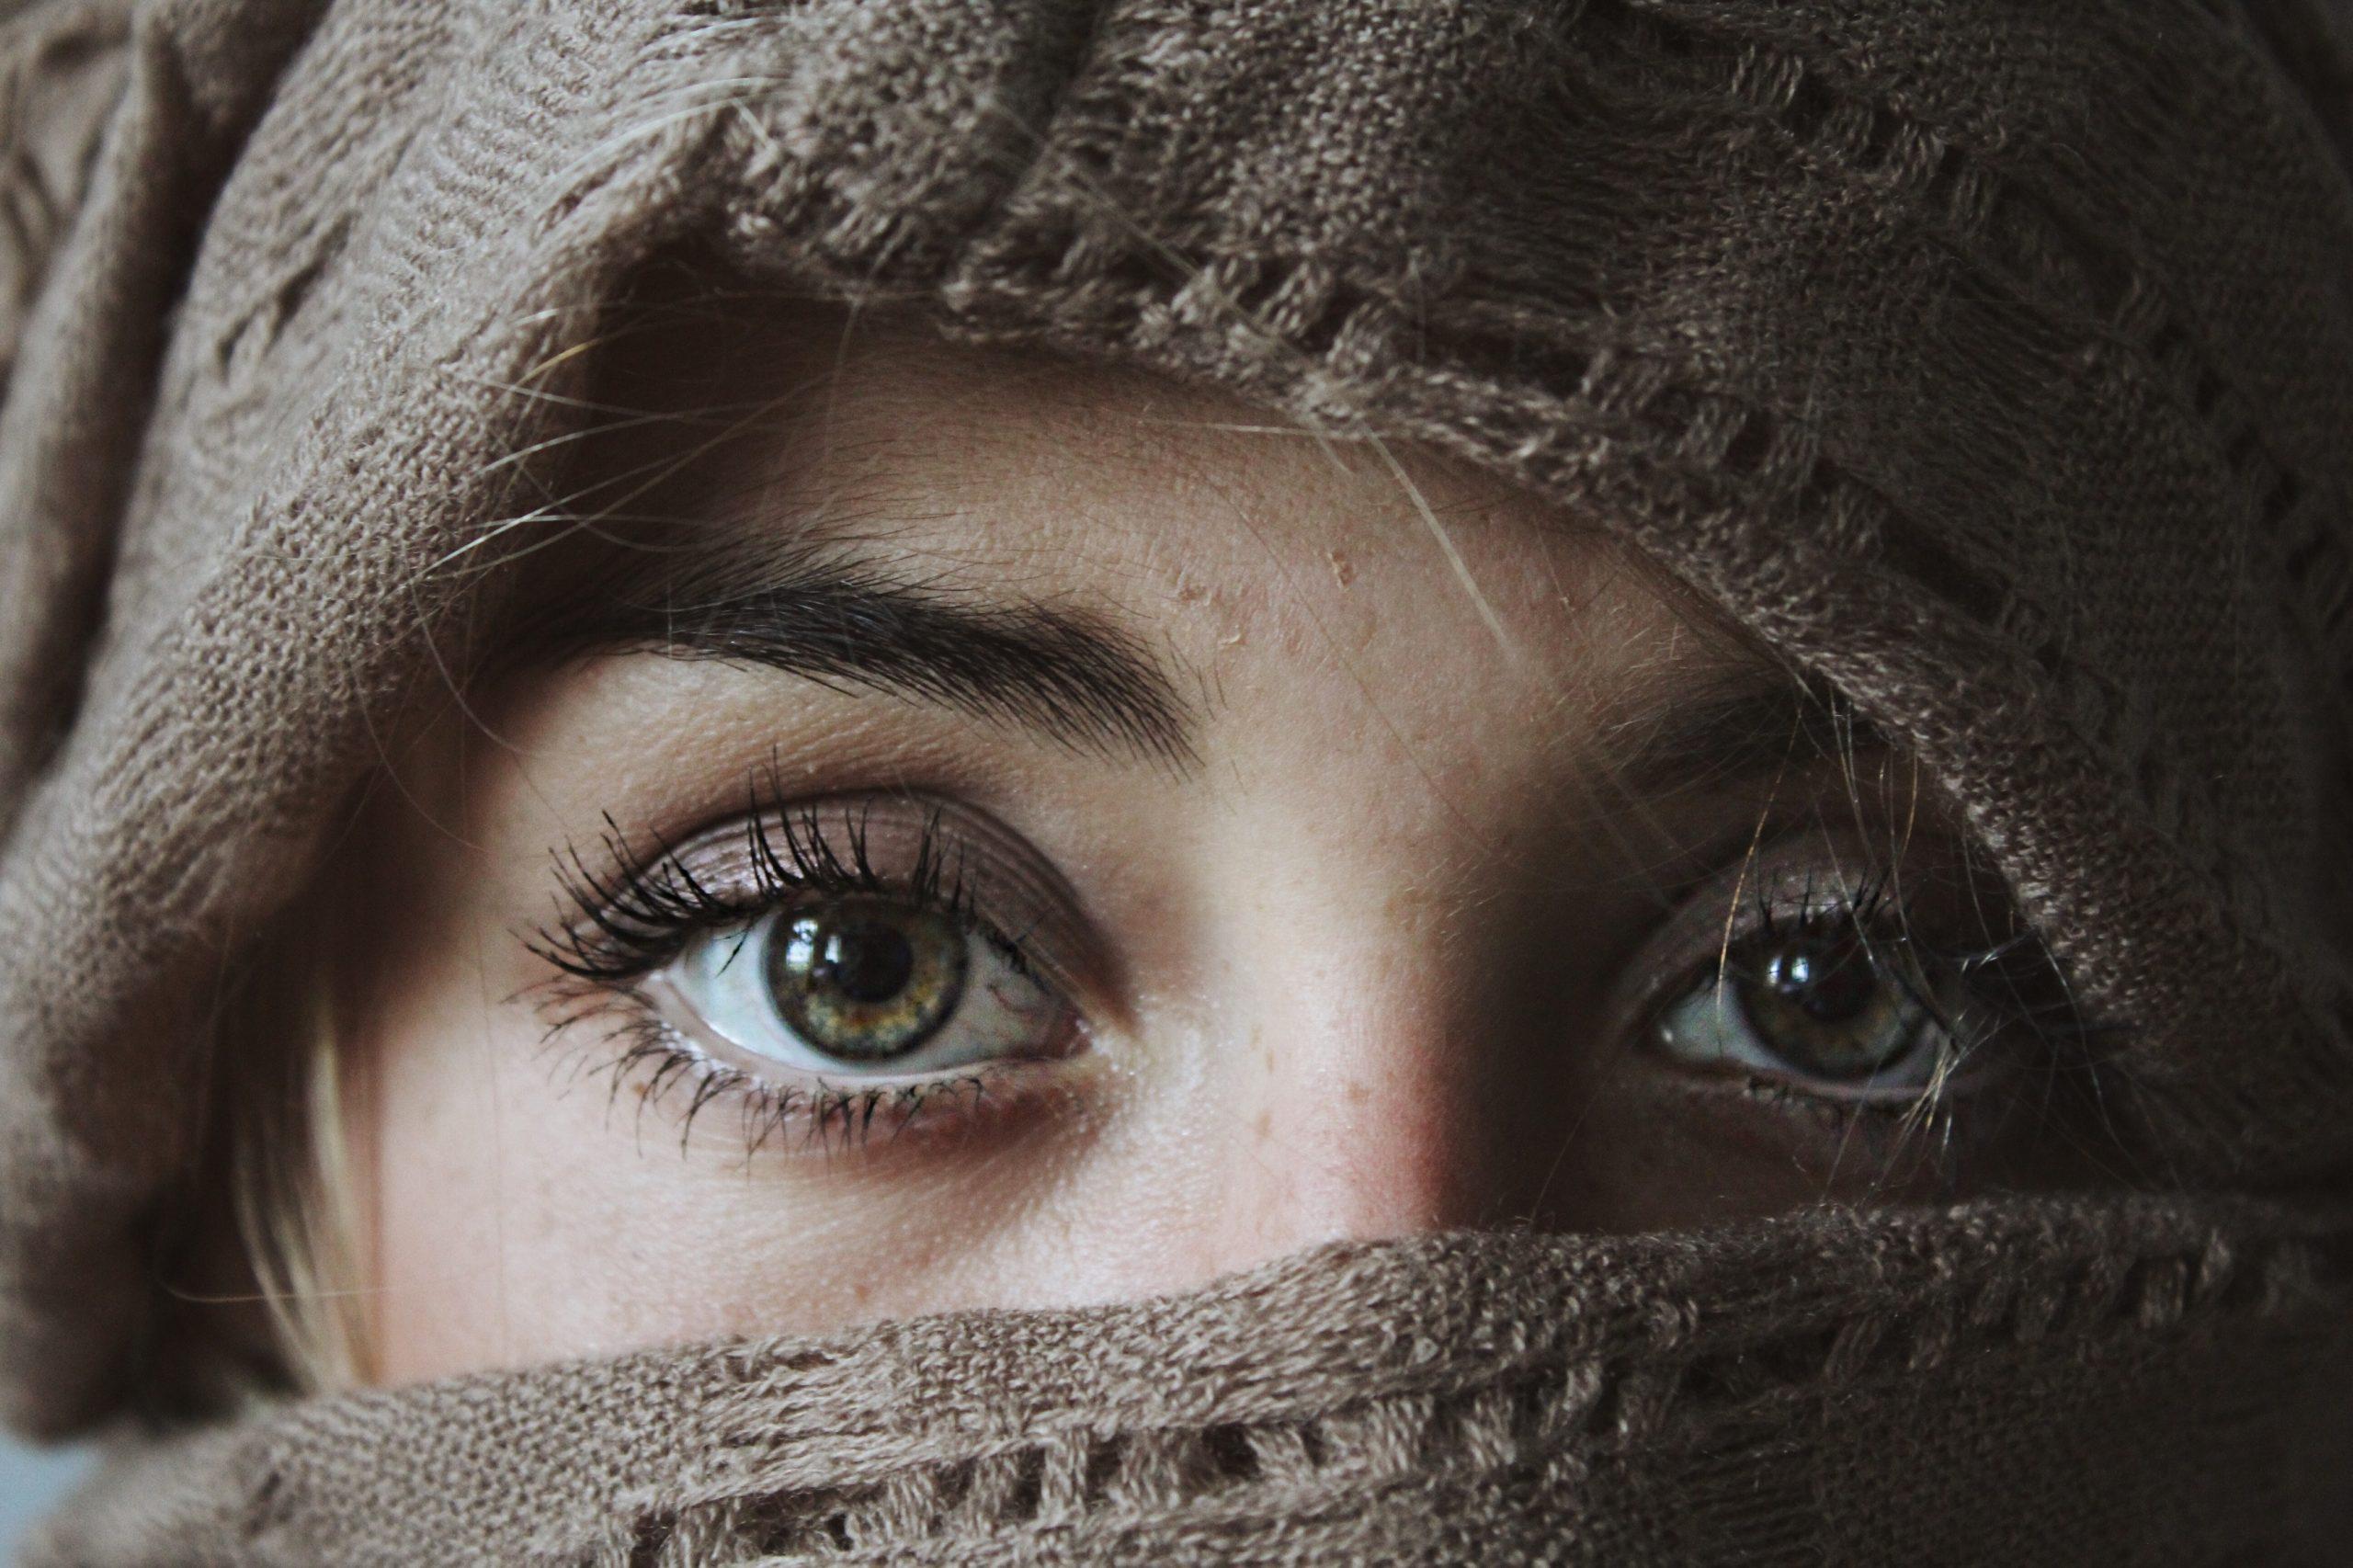 asi es tu personalidad segun la forma de tus ojos